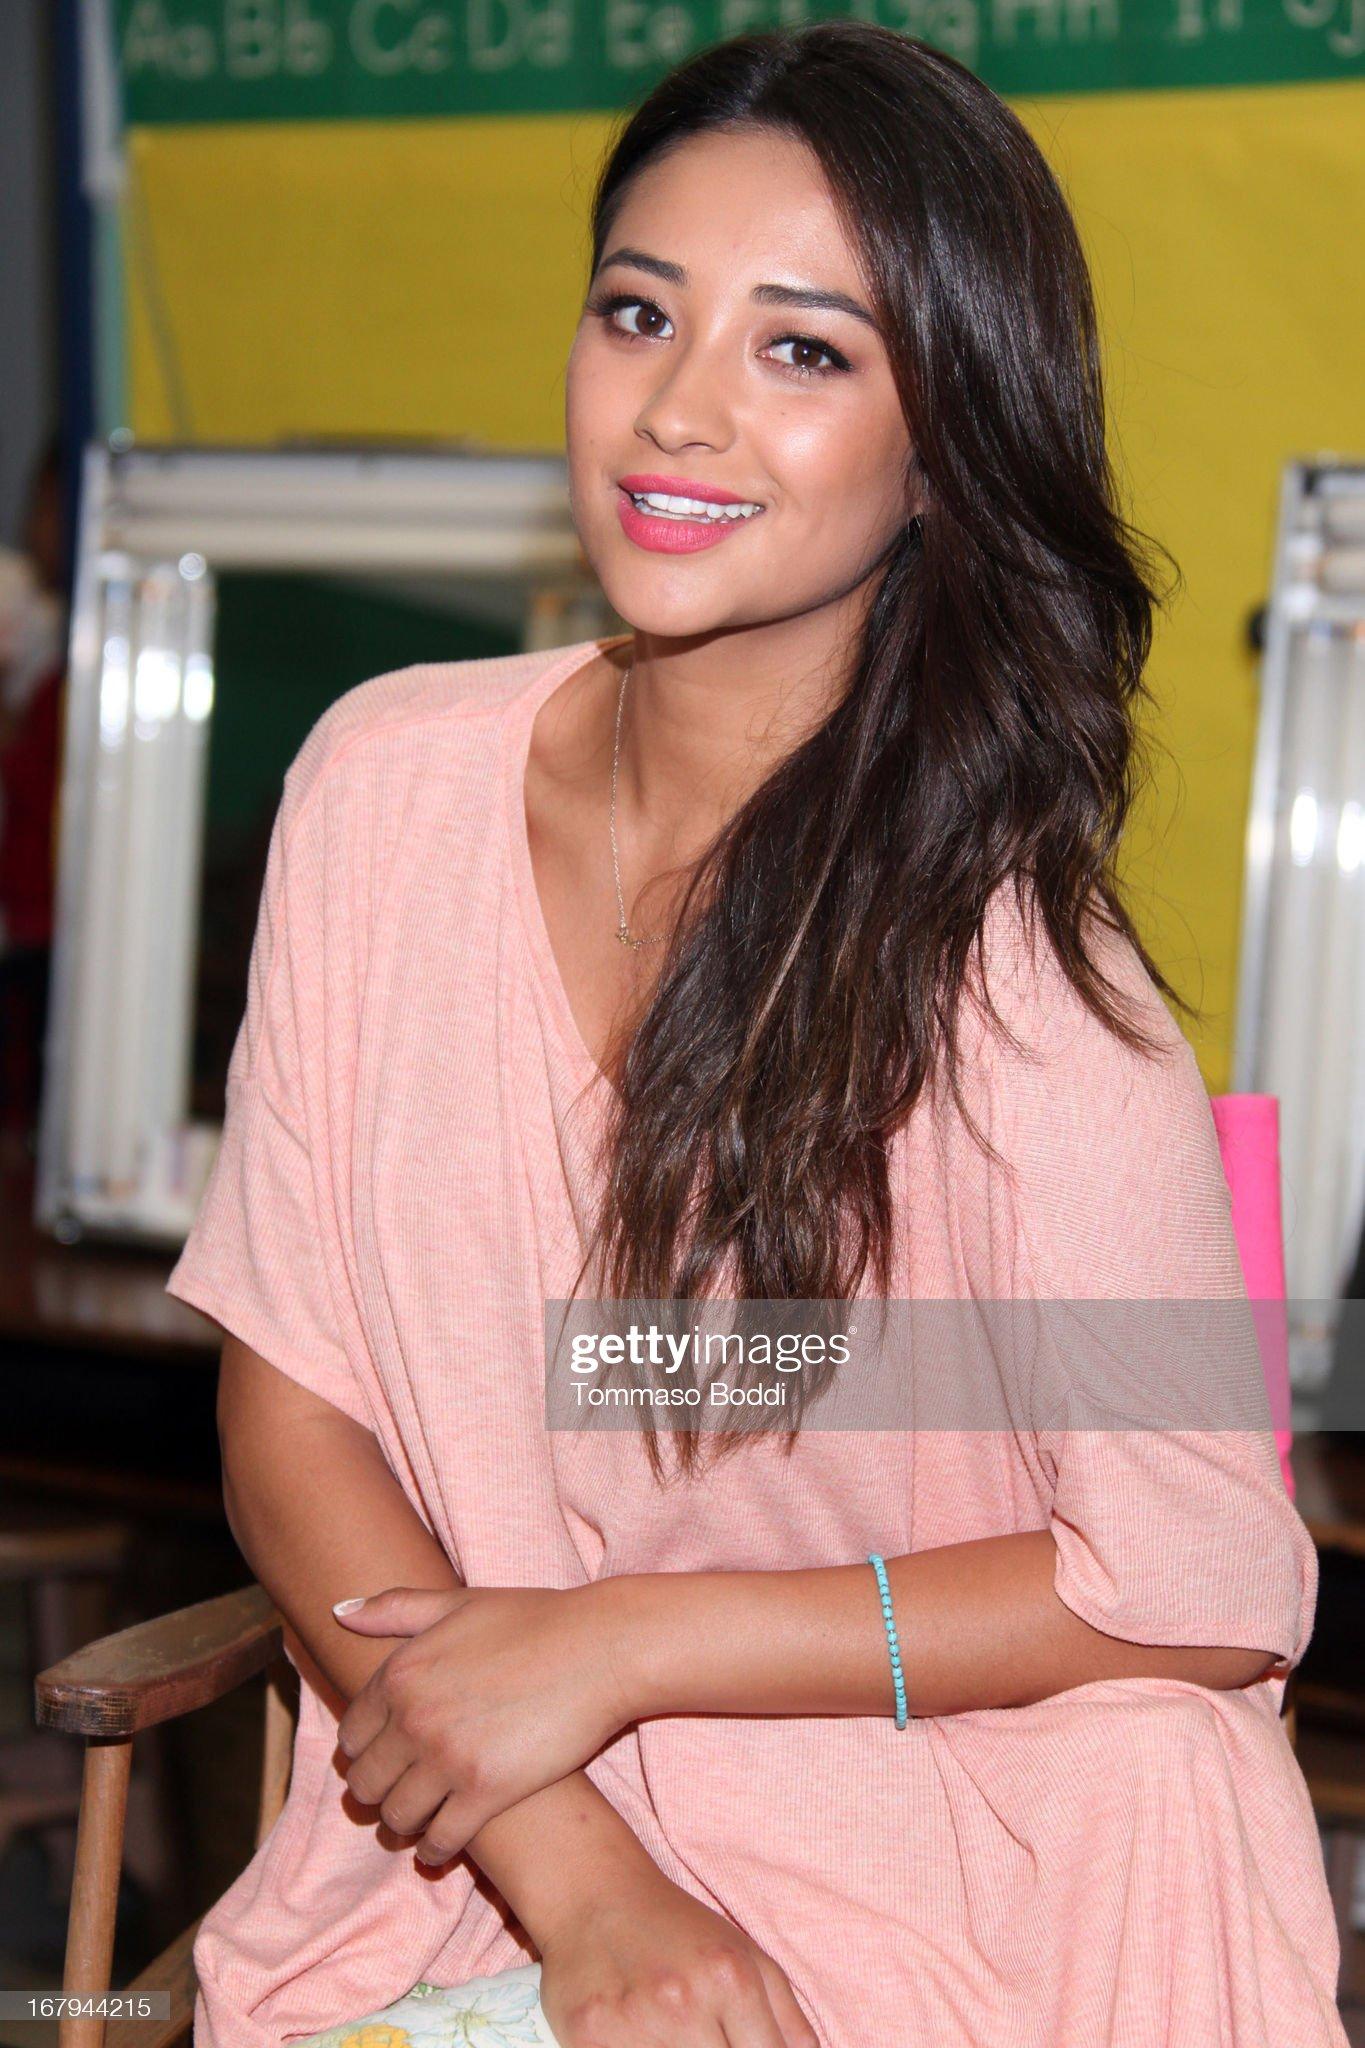 DEBATE sobre belleza, guapura y hermosura (fotos de chicas latinas, mestizas, y de todo) - VOL II - Página 7 Pretty-little-liars-star-shay-mitchell-joins-girl-power-day-to-give-picture-id167944215?s=2048x2048